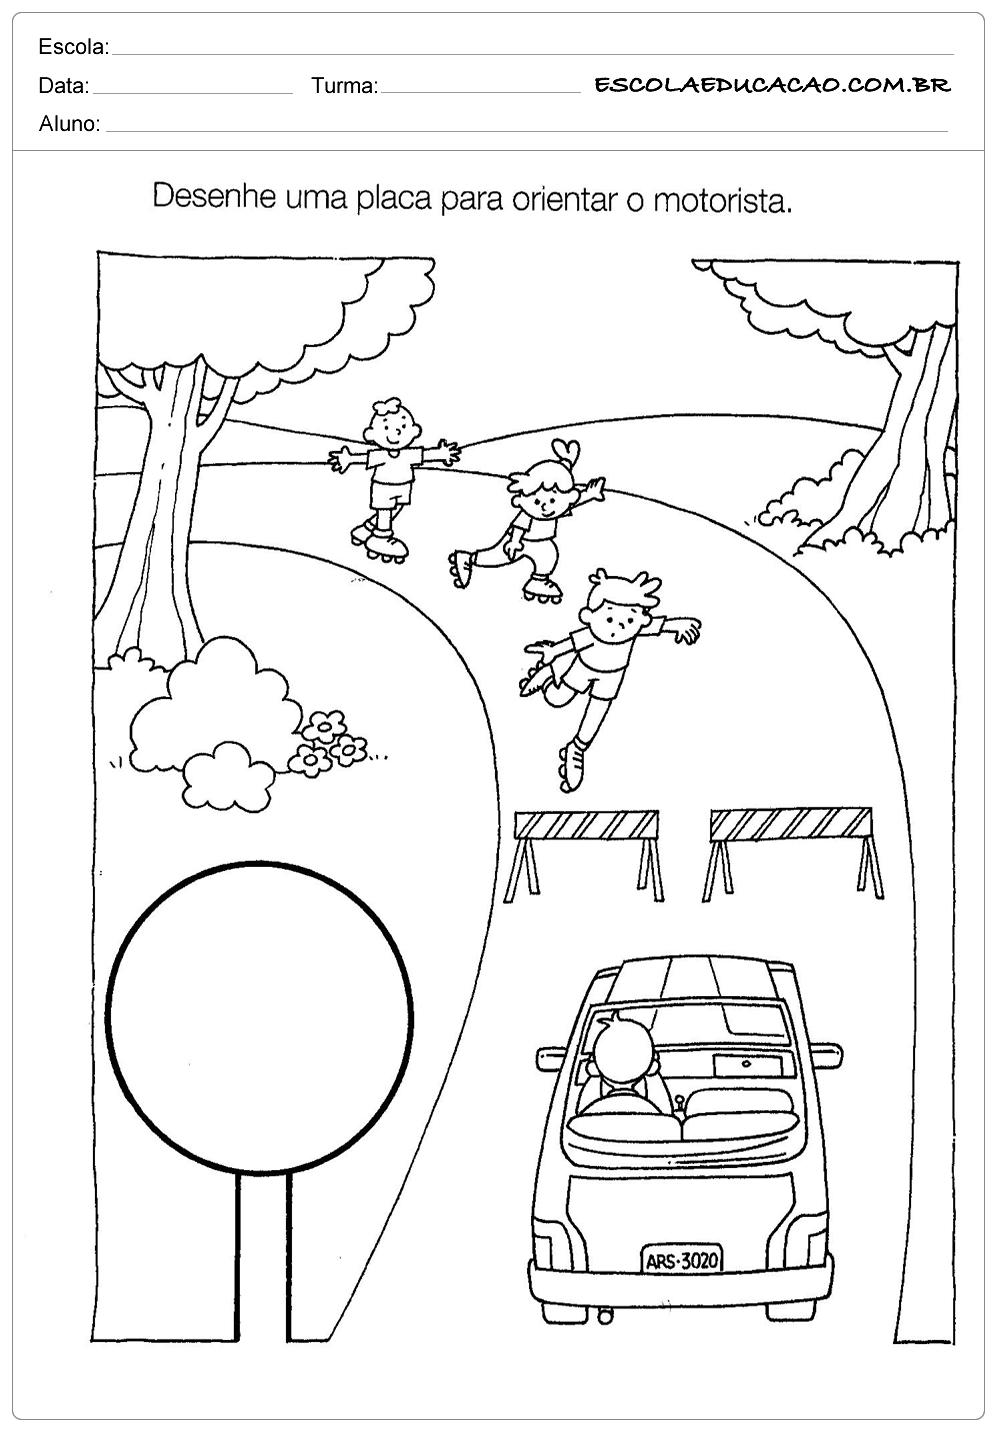 Muitas vezes Atividades sobre o Trânsito - Orientando o Motorista - Escola Educação XO19